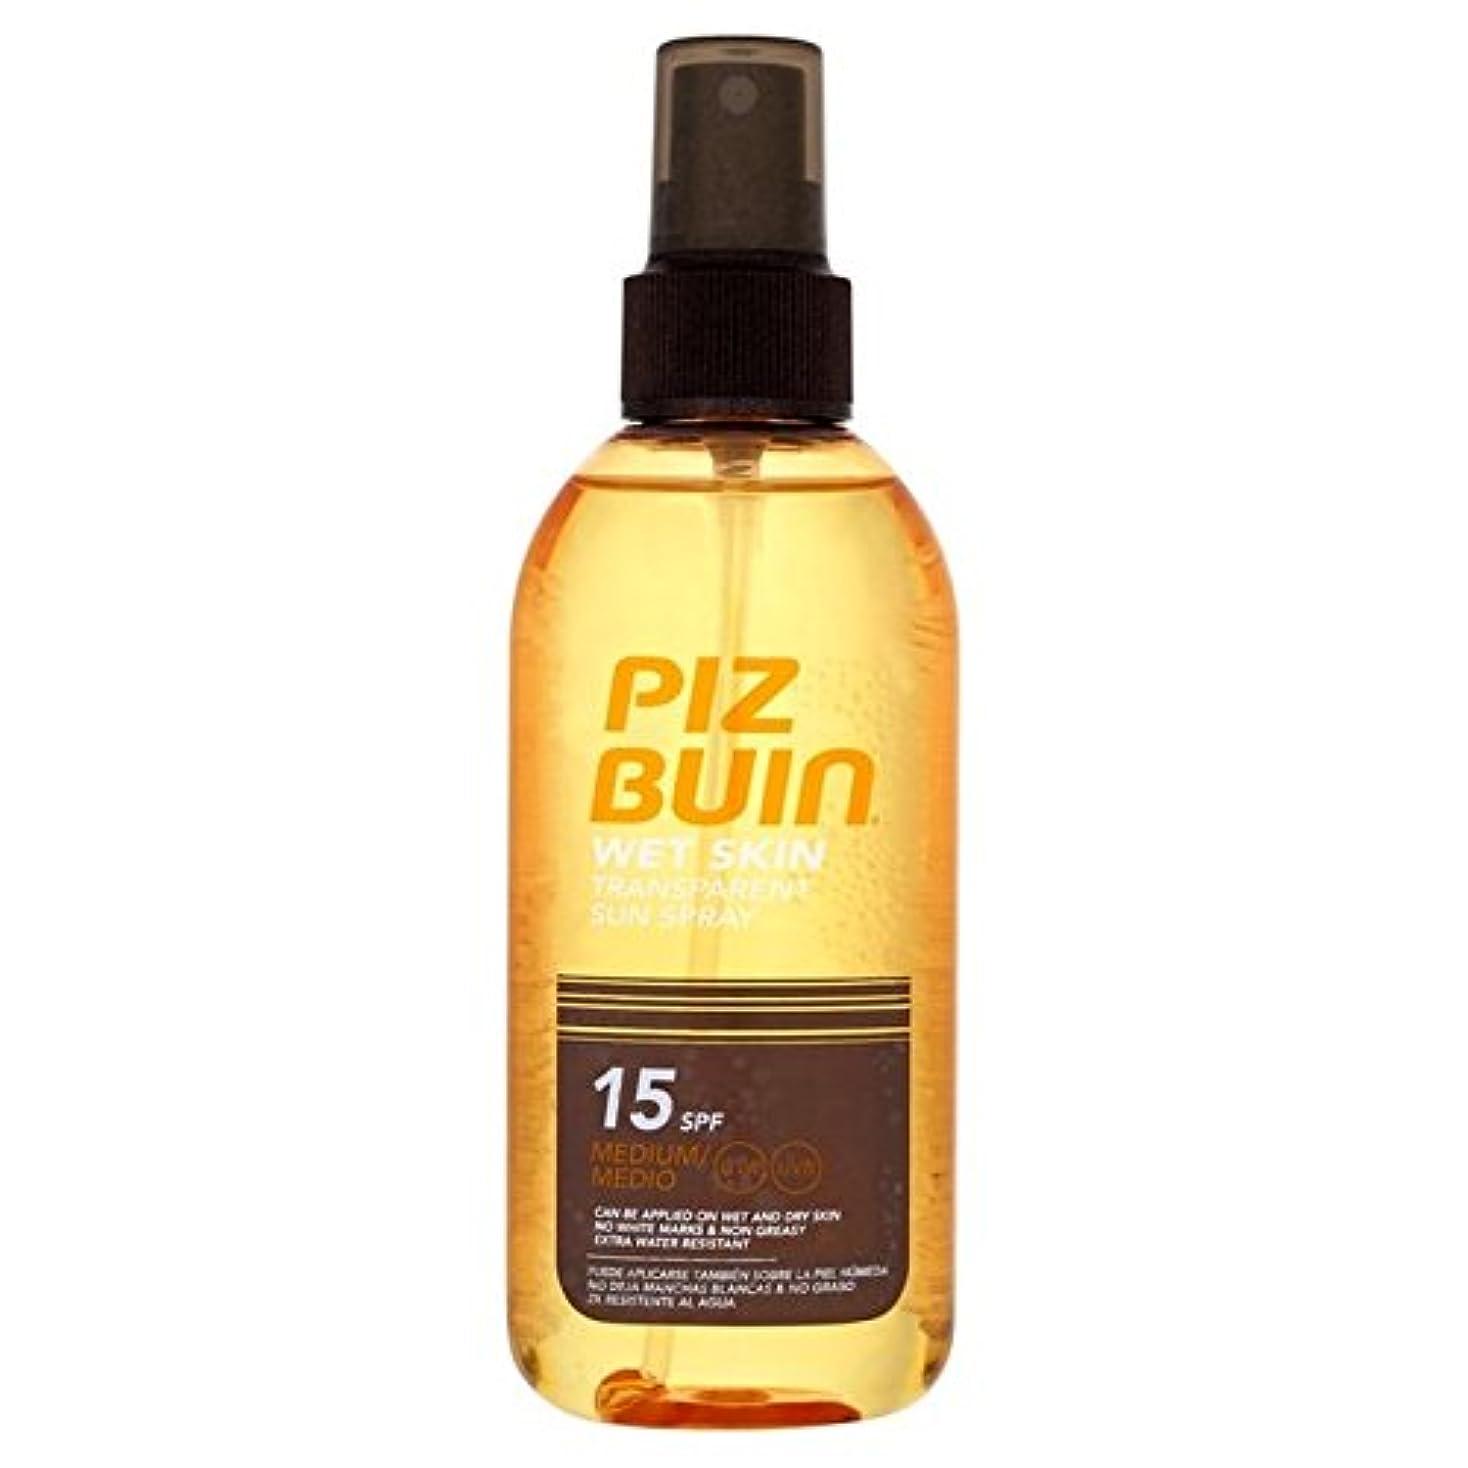 剃る科学的食堂ピッツブーインの湿った透明肌15の150ミリリットル x4 - Piz Buin Wet Transparent Skin SPF15 150ml (Pack of 4) [並行輸入品]